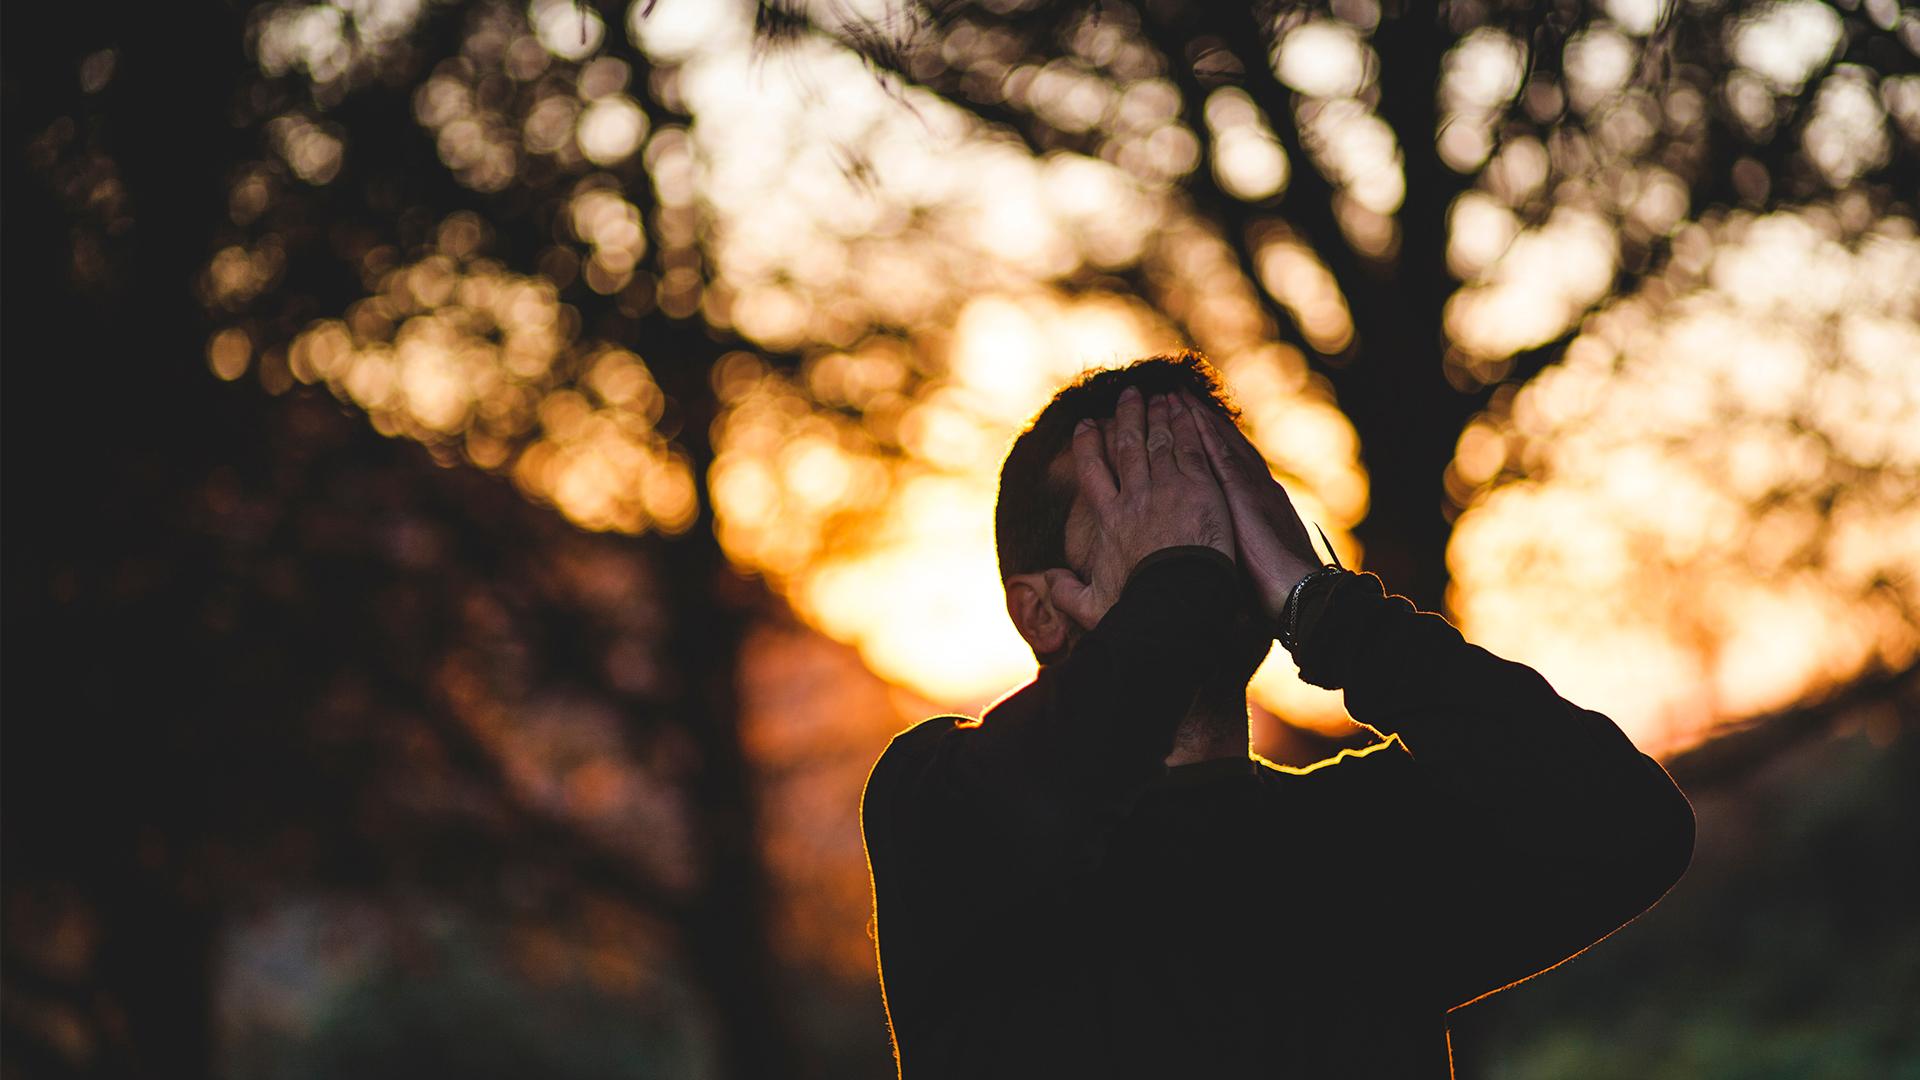 Gestion de emociones negativas en cuidadores de personas mayores